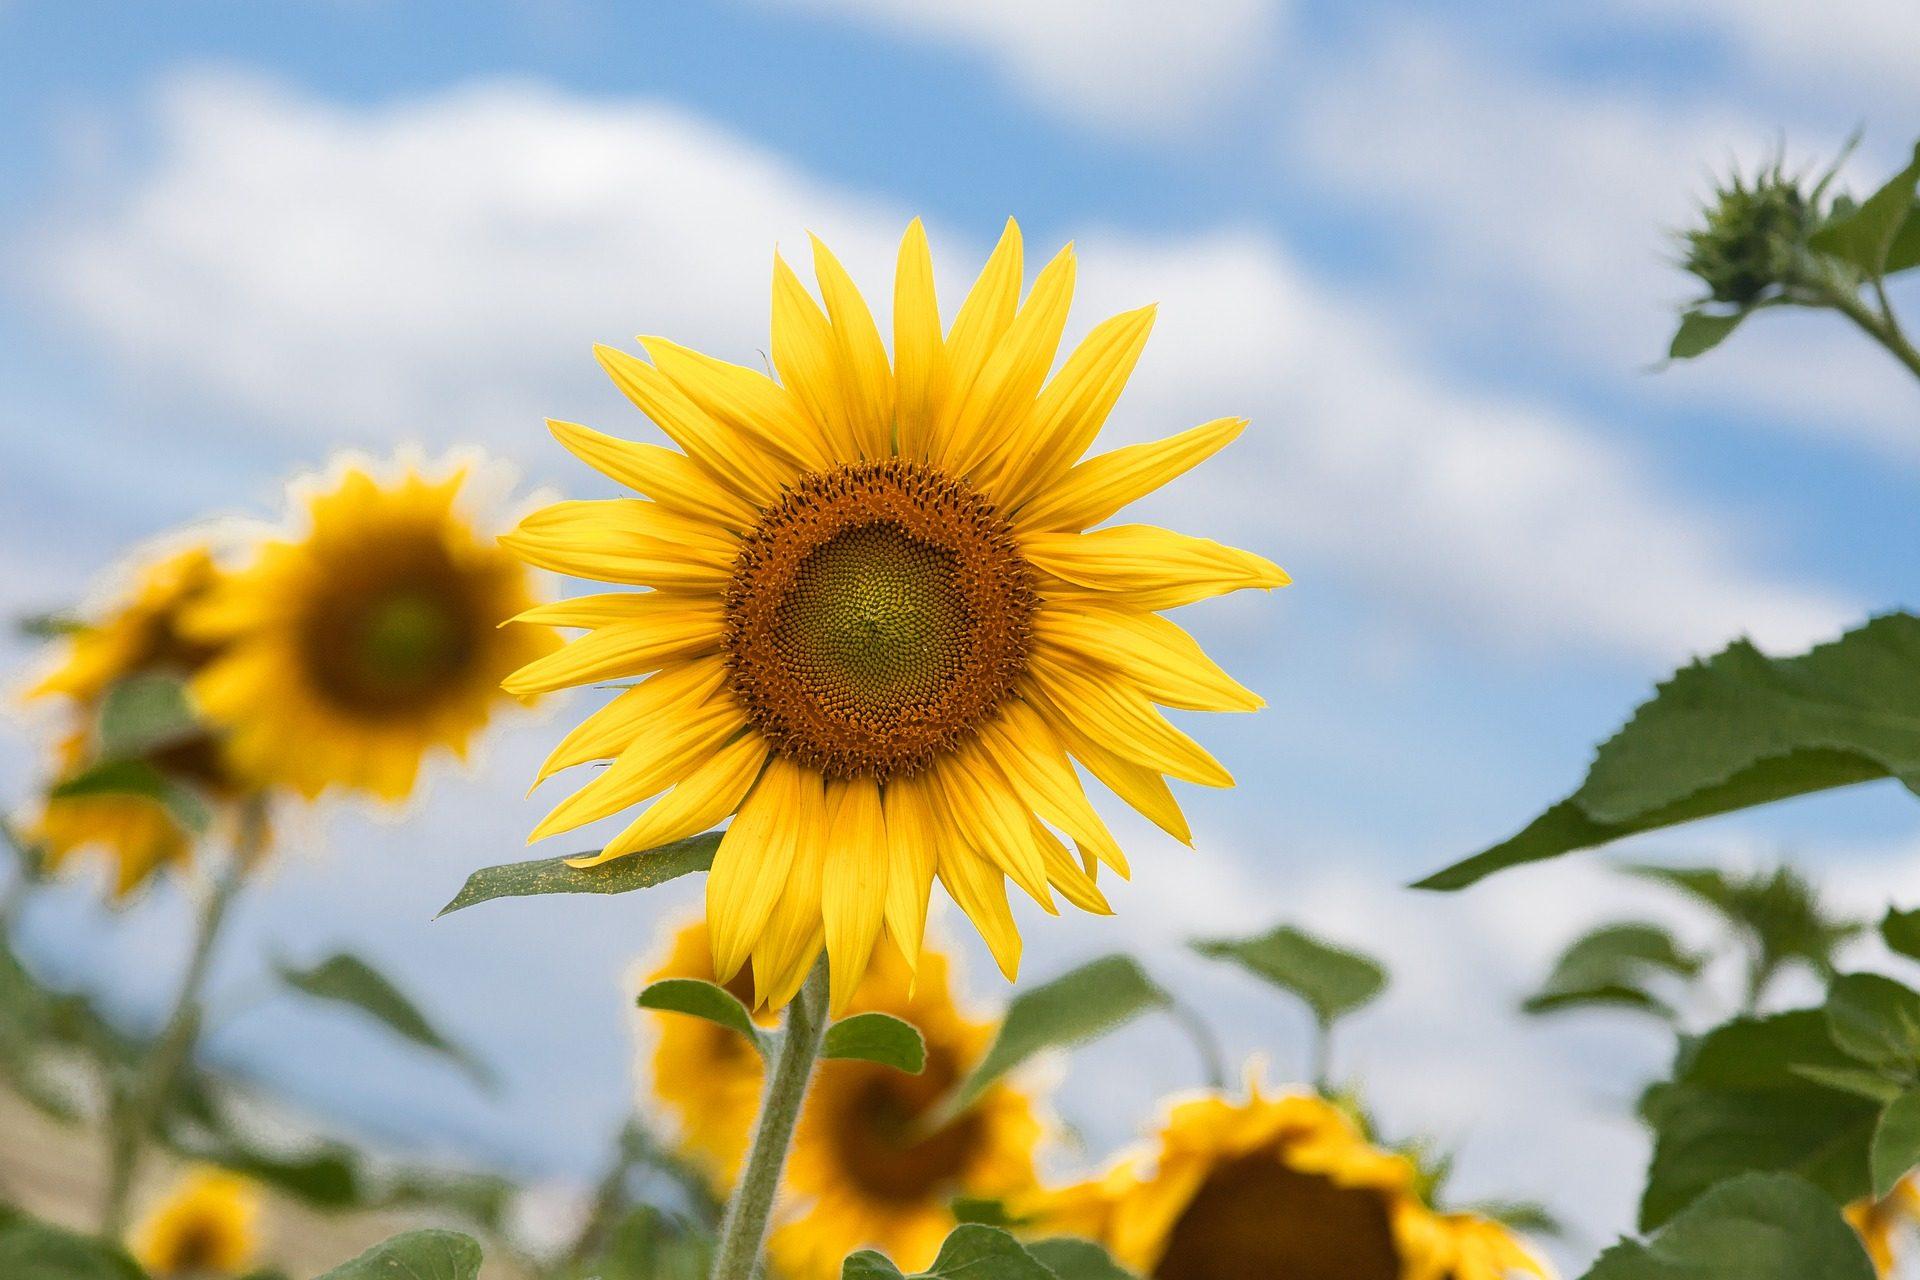 عباد الشمس, زهرة, زراعة, مزرعة, تلات - خلفيات عالية الدقة - أستاذ falken.com